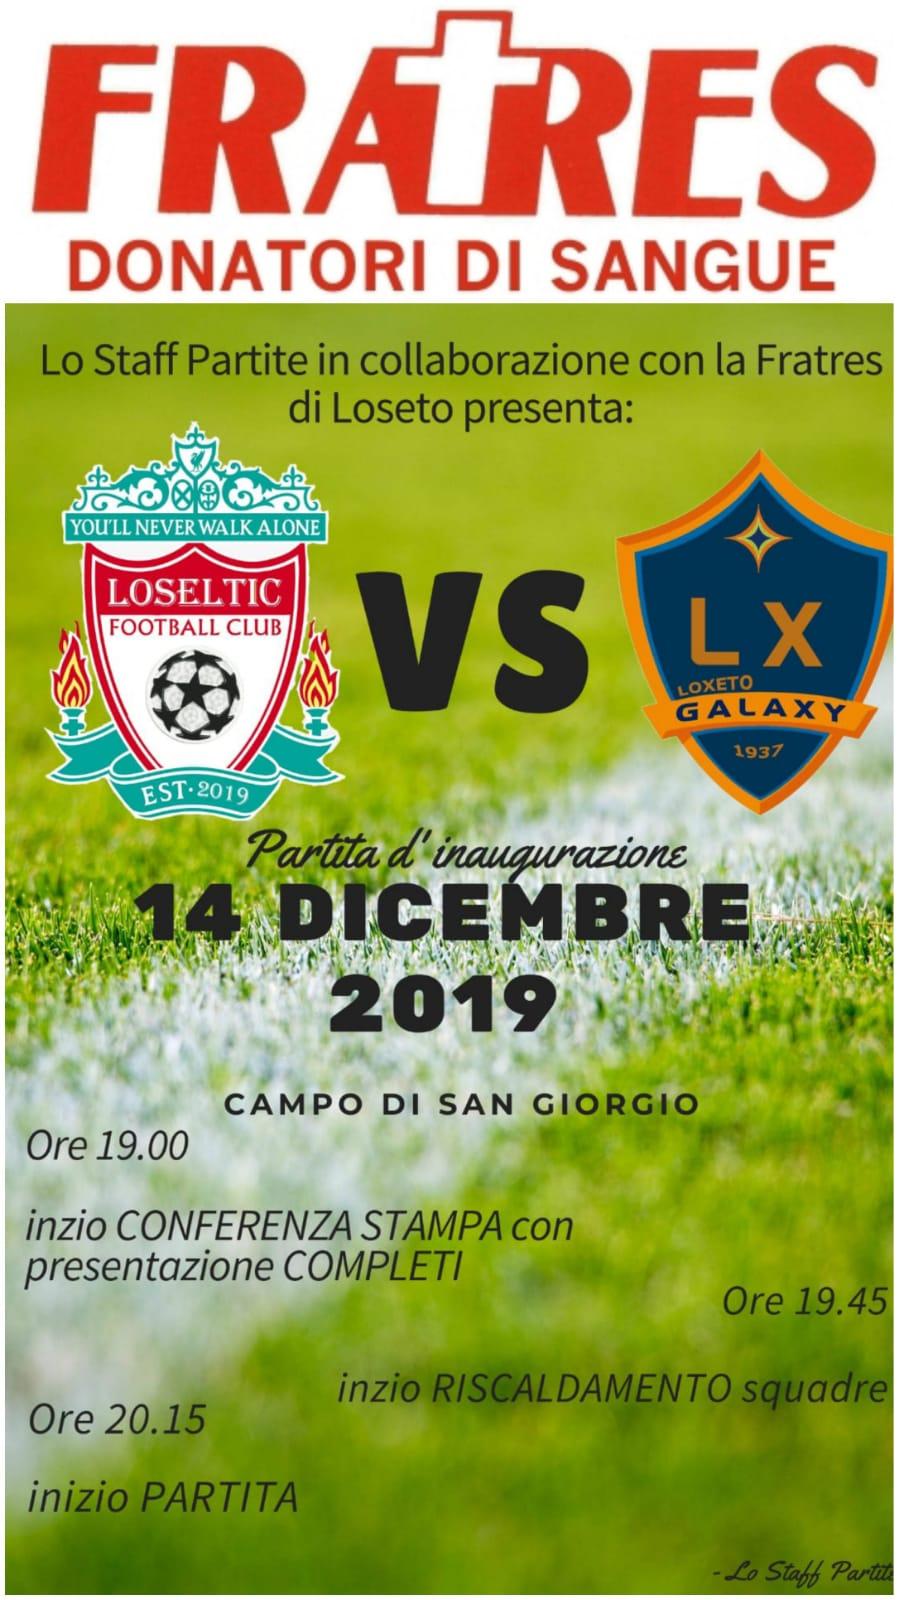 Locandina Loseltic Football Club vs Loxeto Galaxy con le maglie Fratres del Salvatore di Bari Loseto 2019